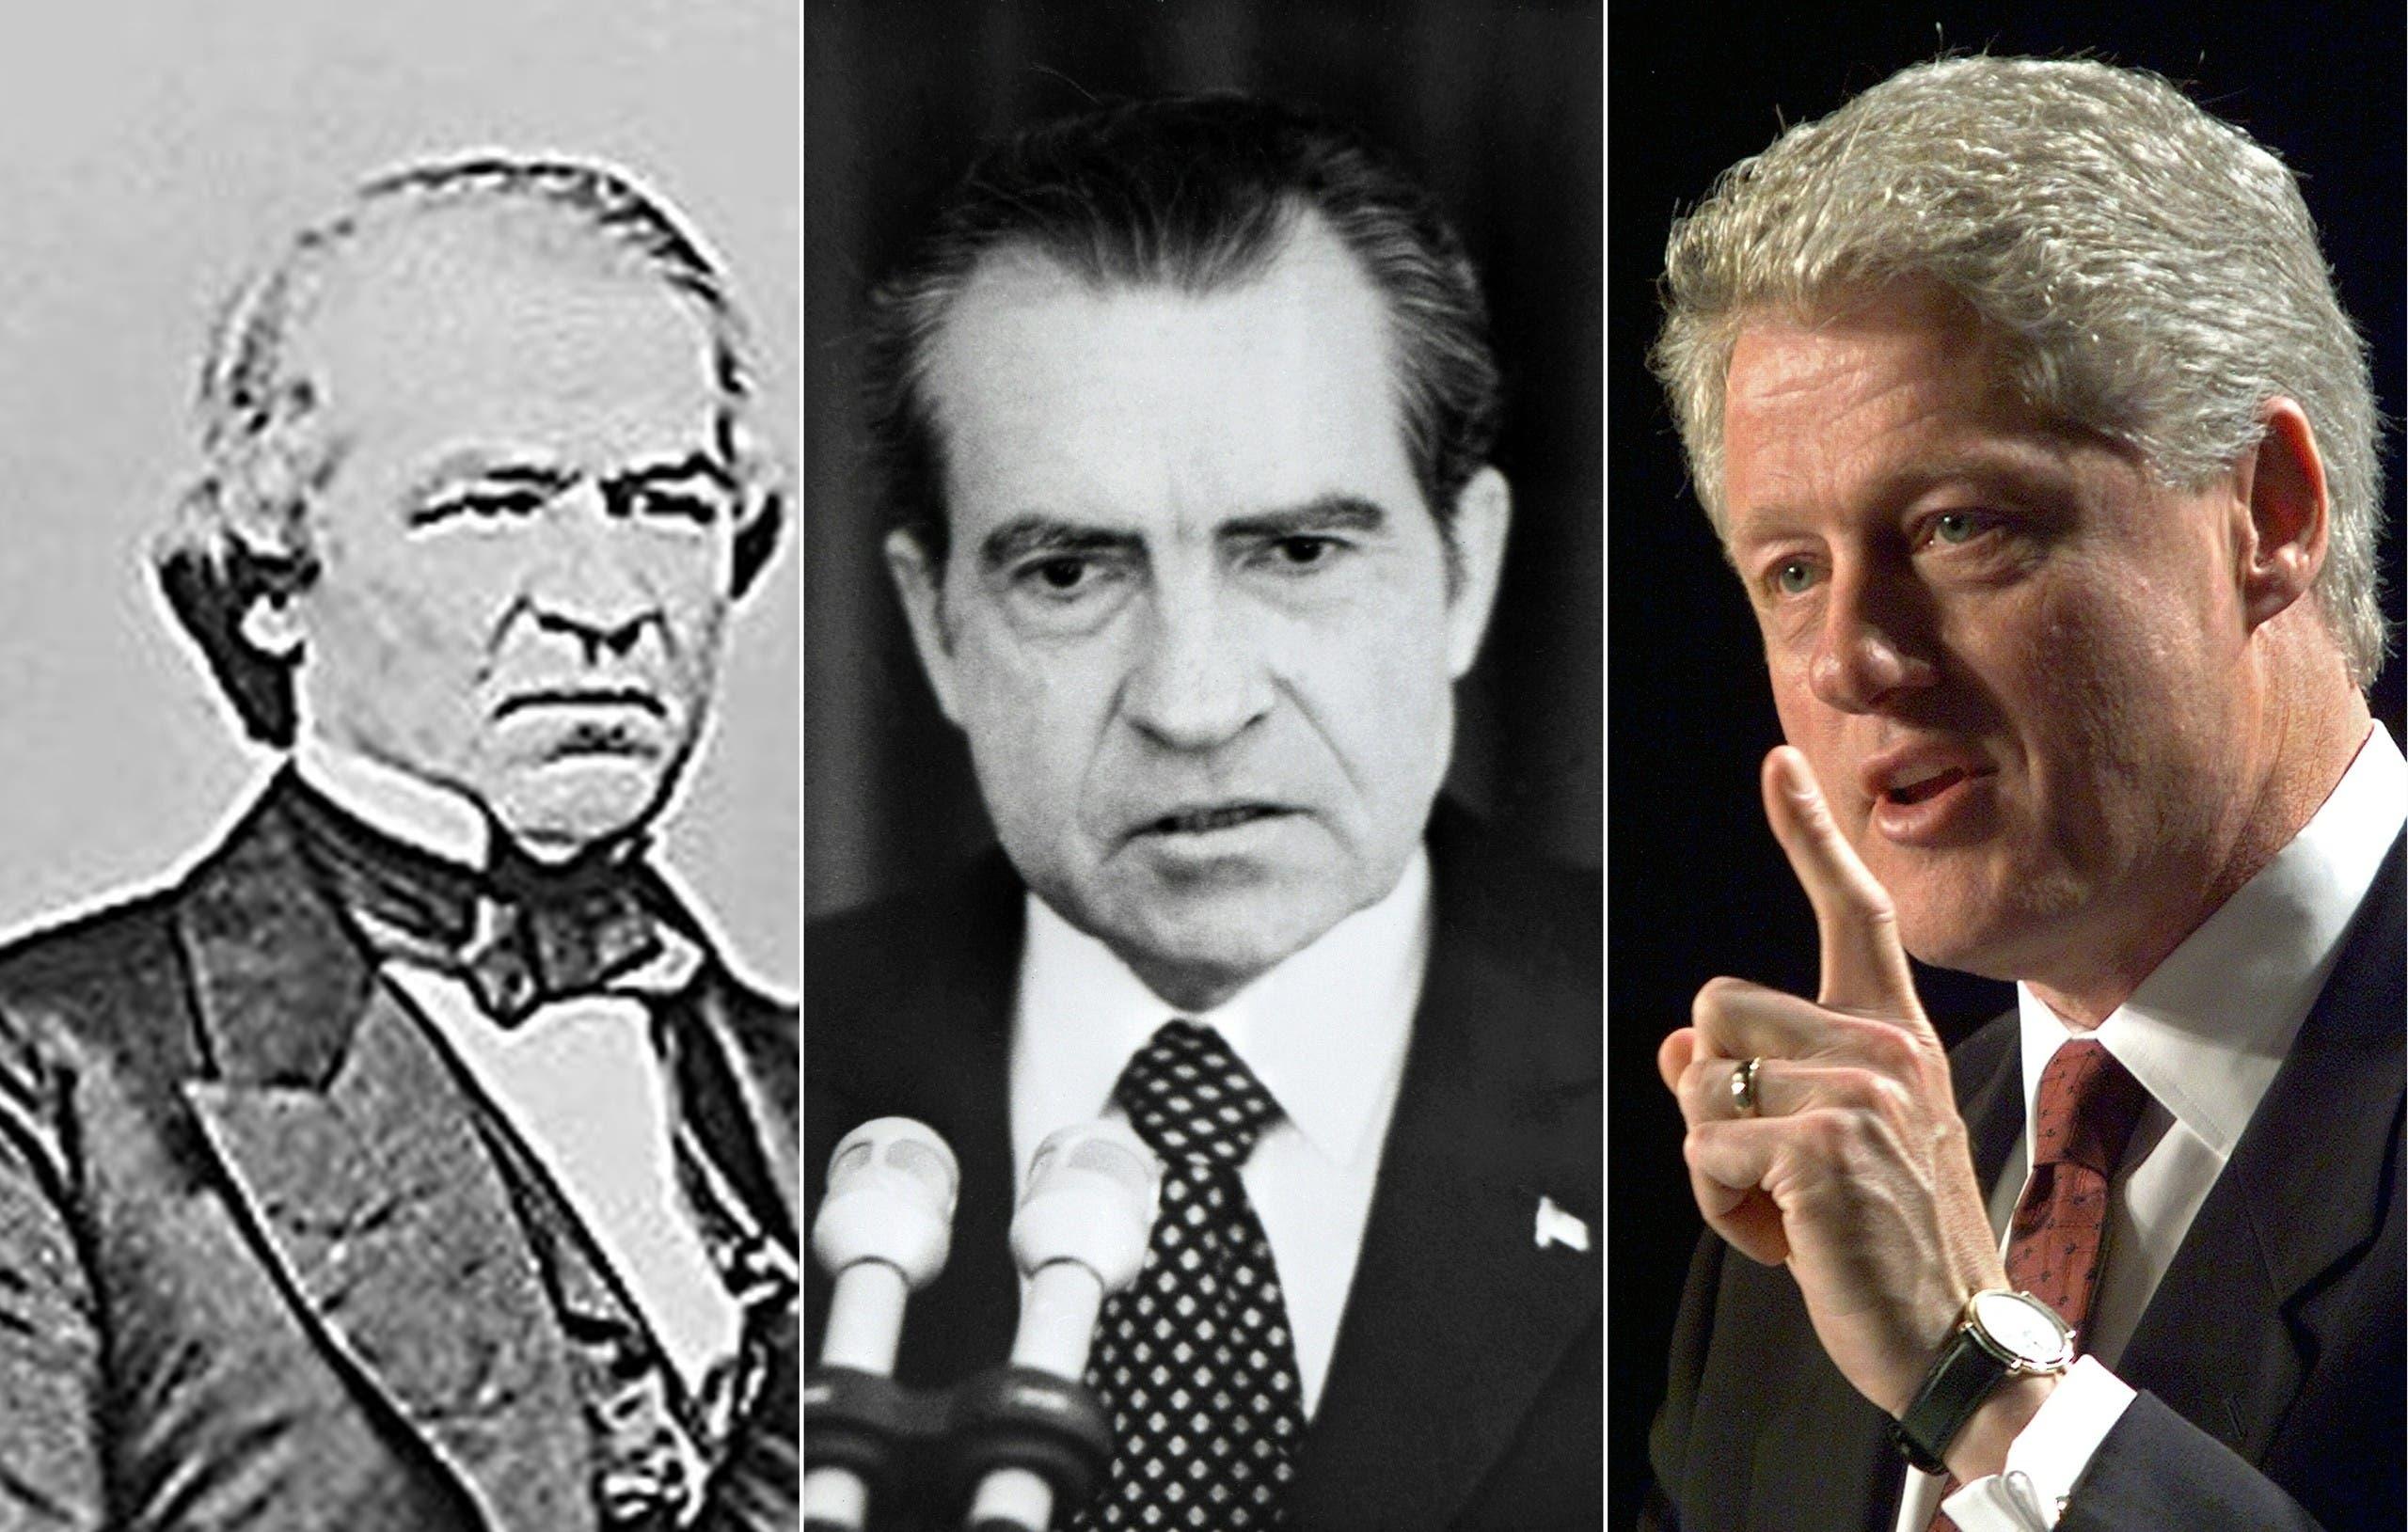 بيل كلينتون وريتشارد نيكسون واندرو جونسون